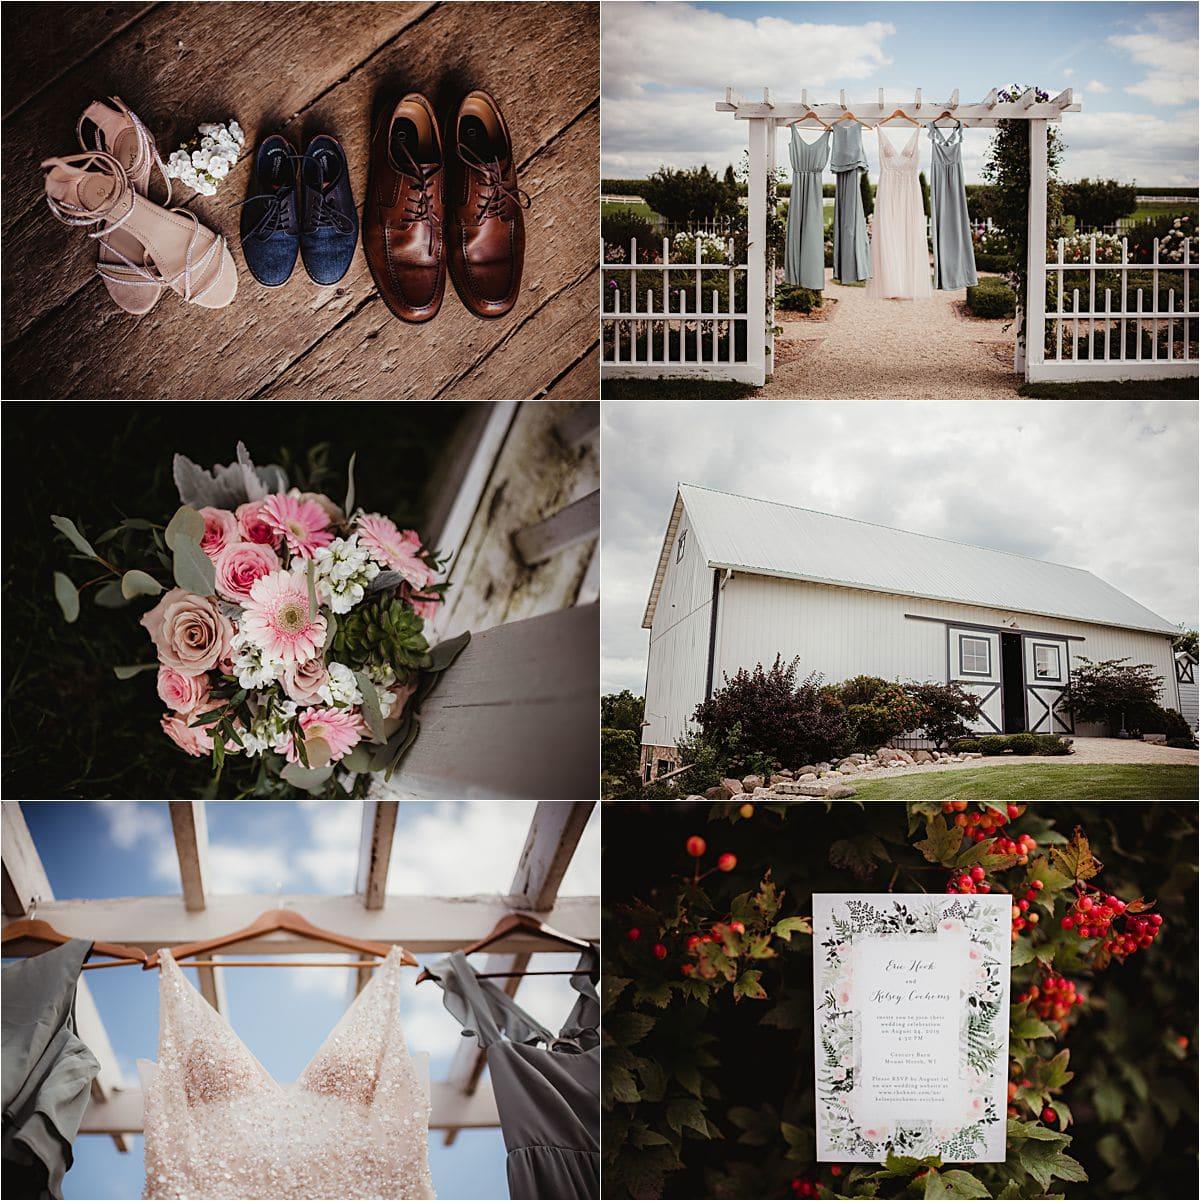 Rural Summer Barn Wedding Getting Ready Details